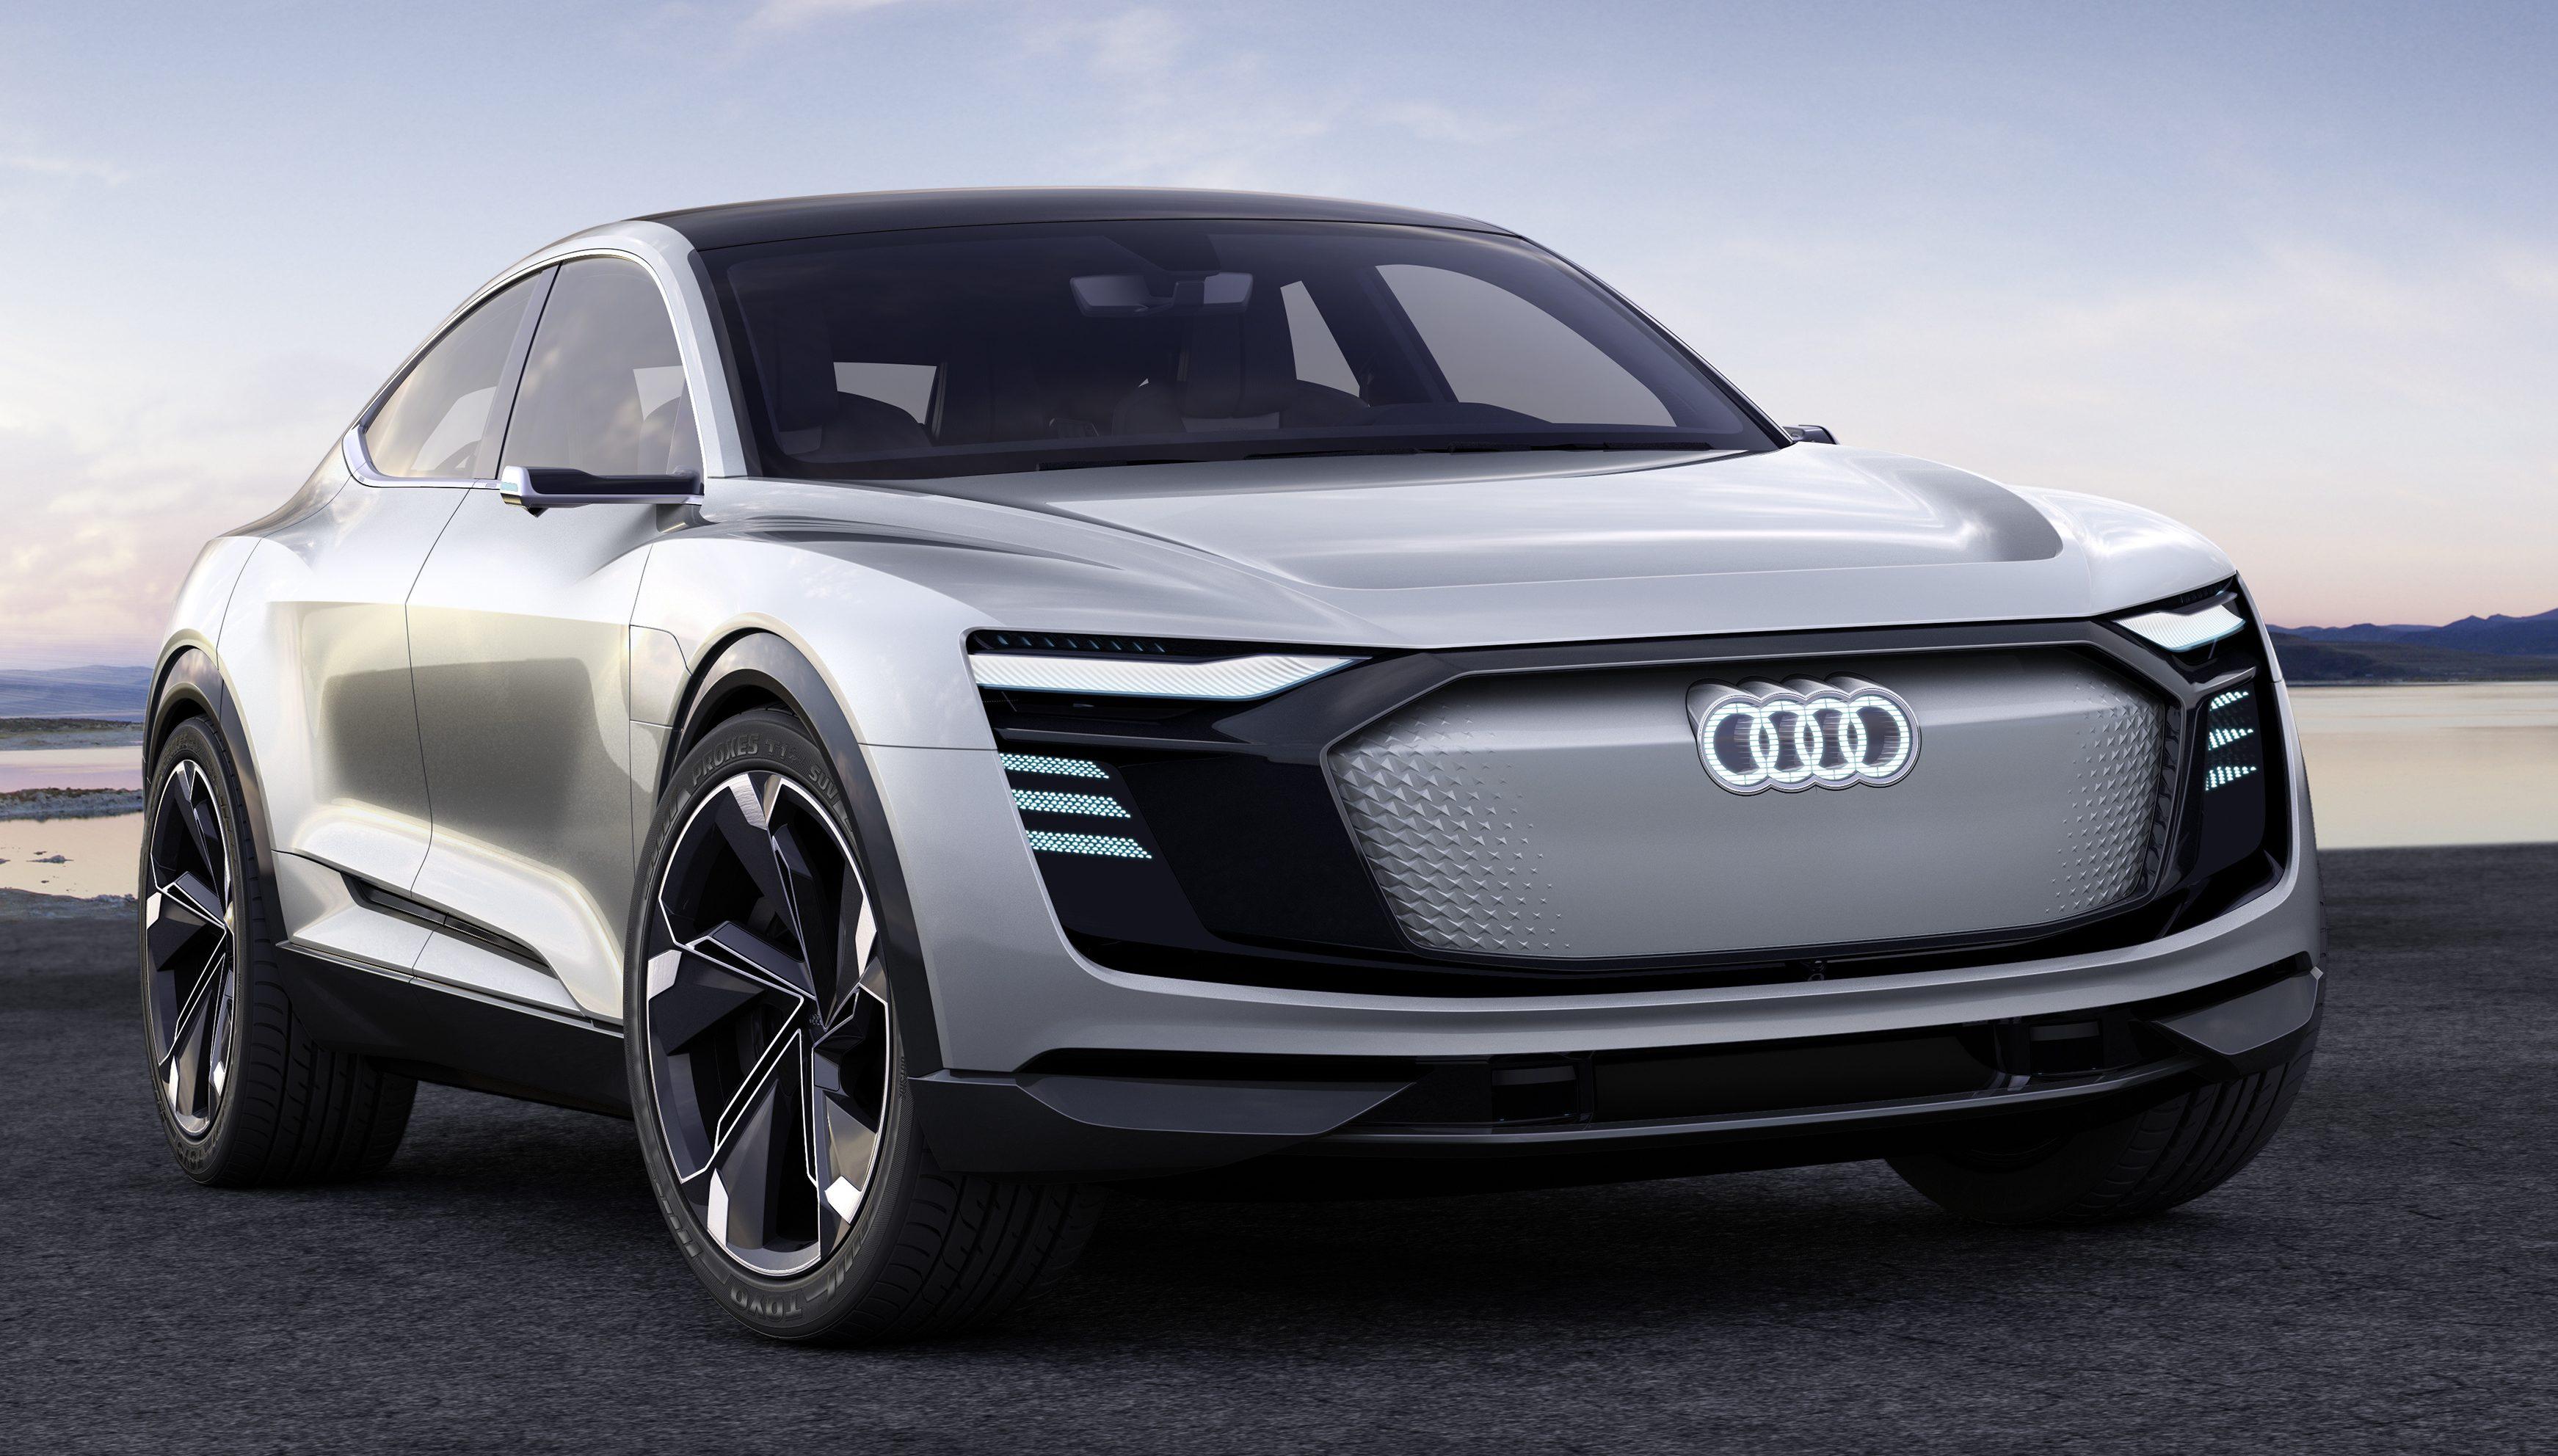 Audi E Tron Sportback 概念车面世,2019年开始量产! Audi E Tron